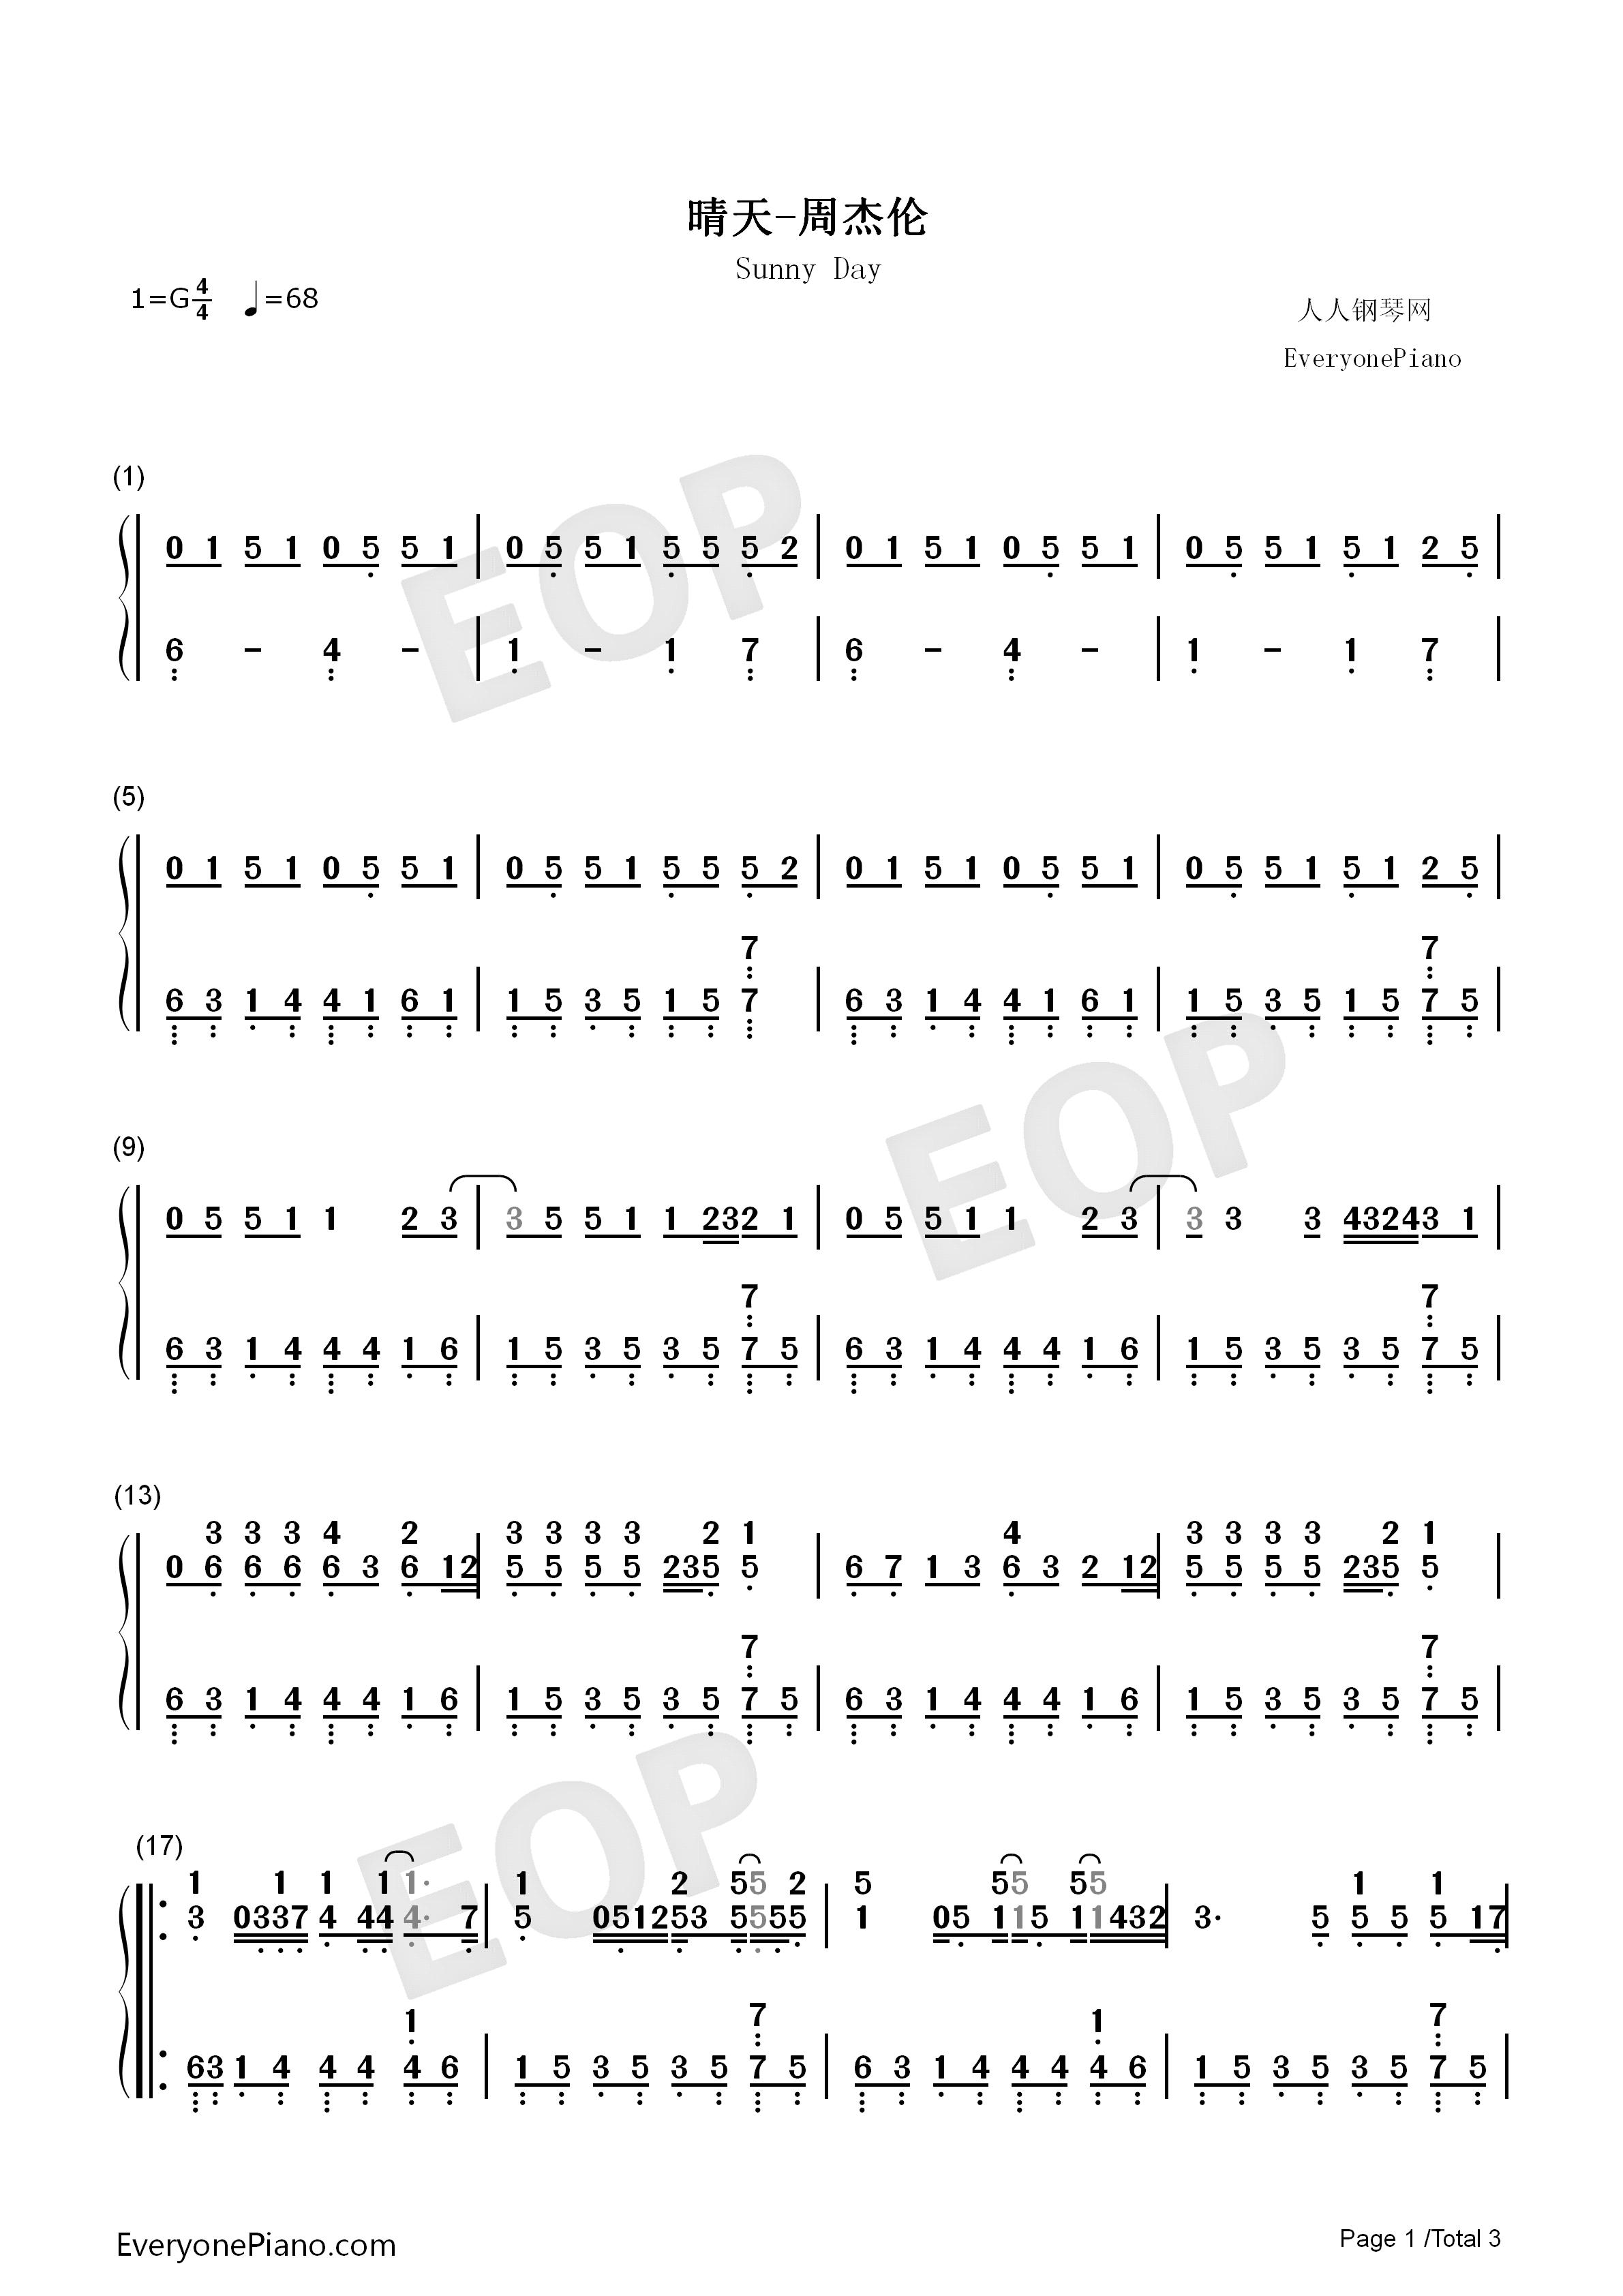 钢琴曲谱 流行 晴天 晴天双手简谱预览1  }  仅供学习交流使用!